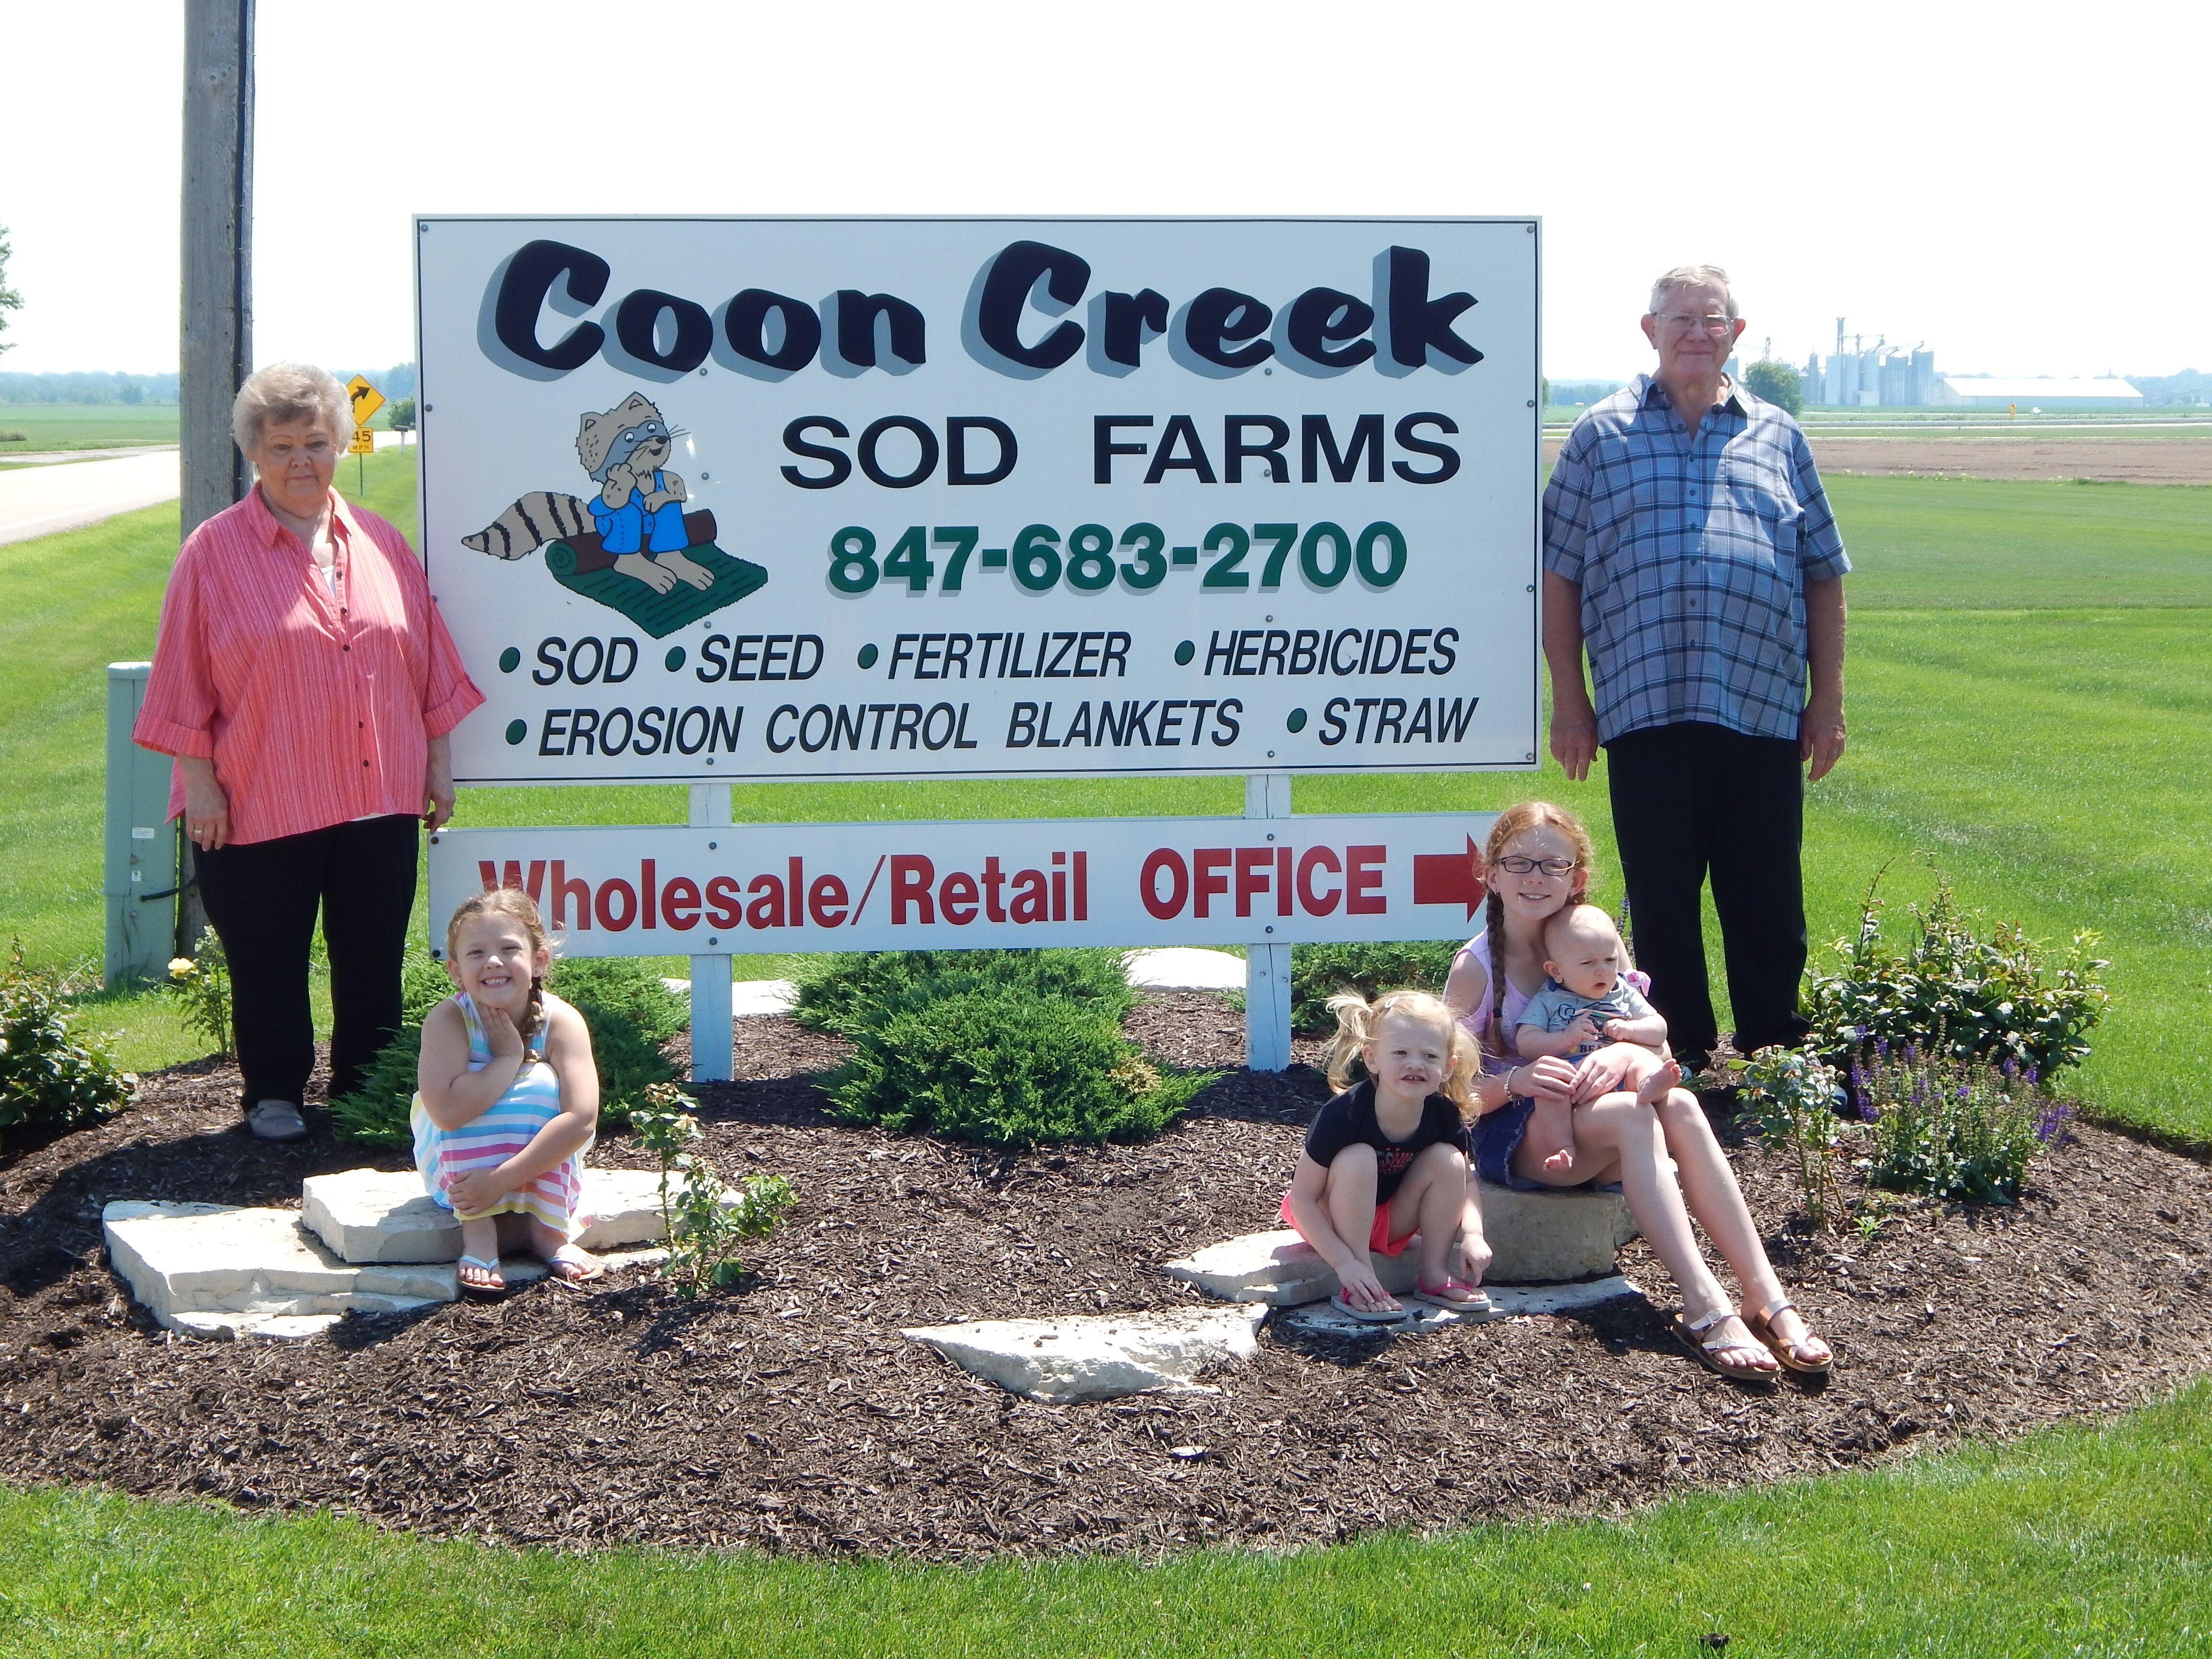 coon creek sod farms